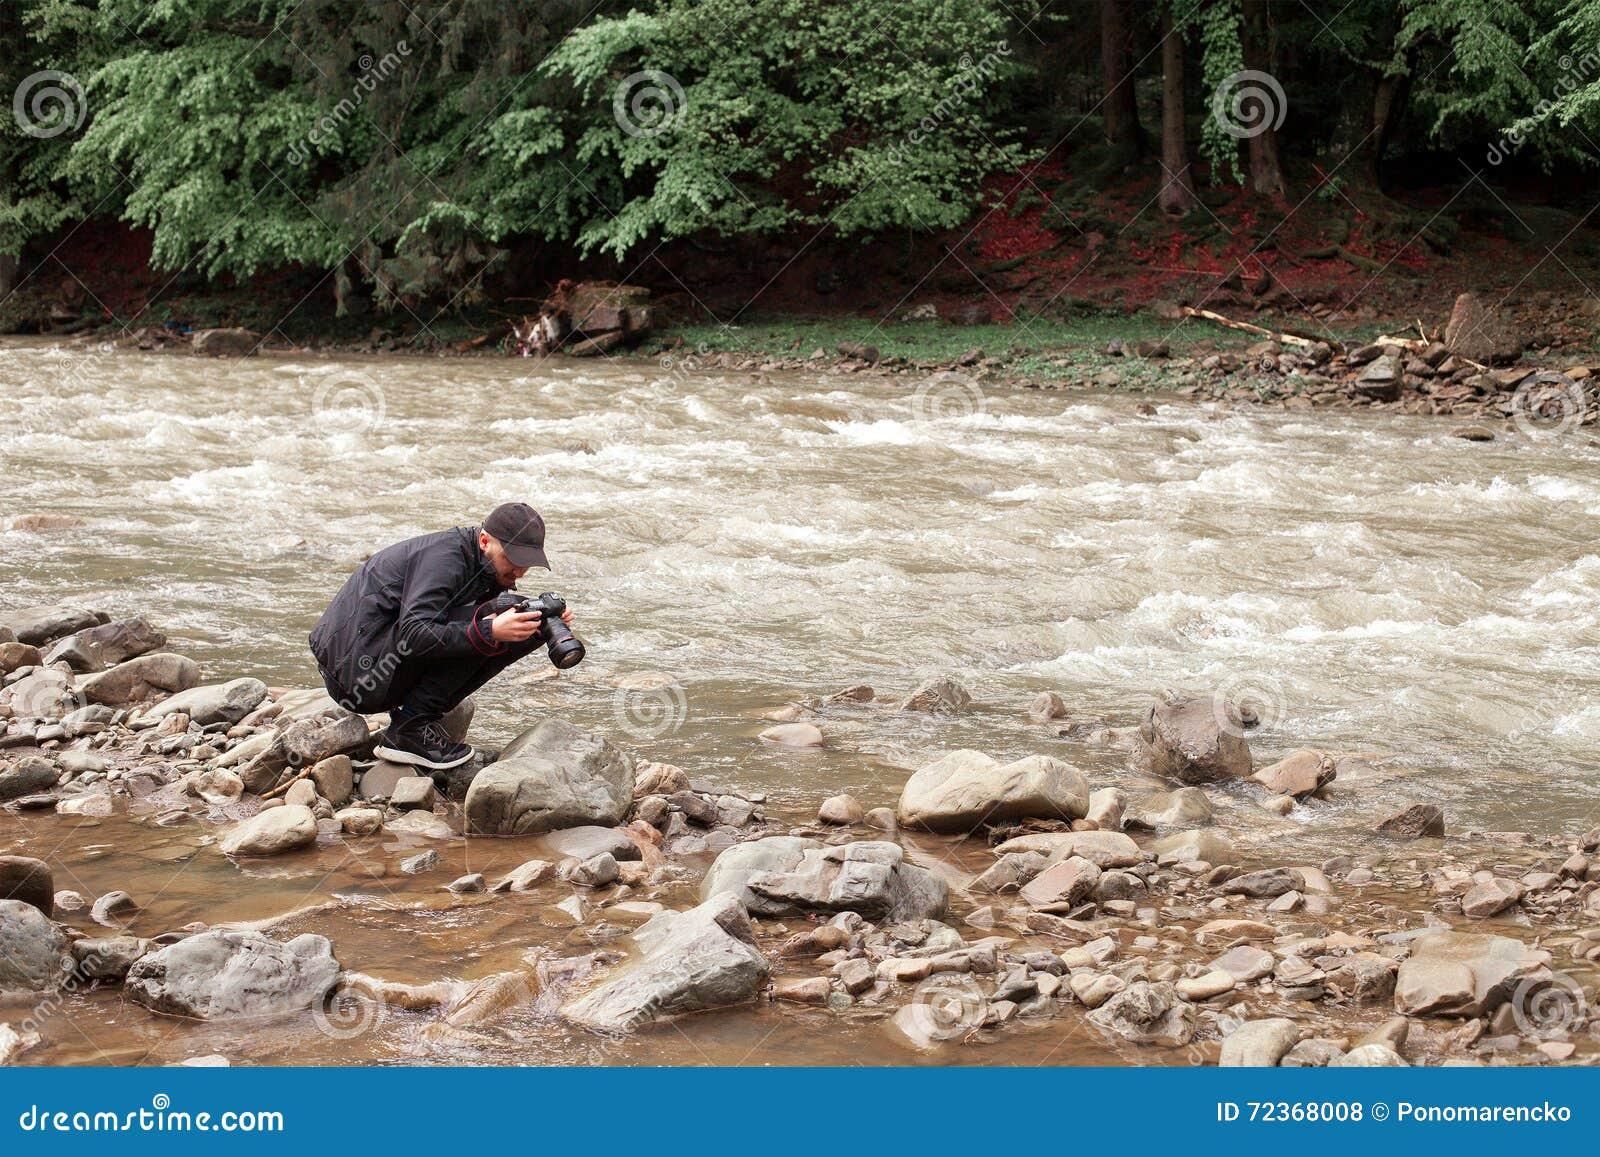 摄影师为粗砺的河照相